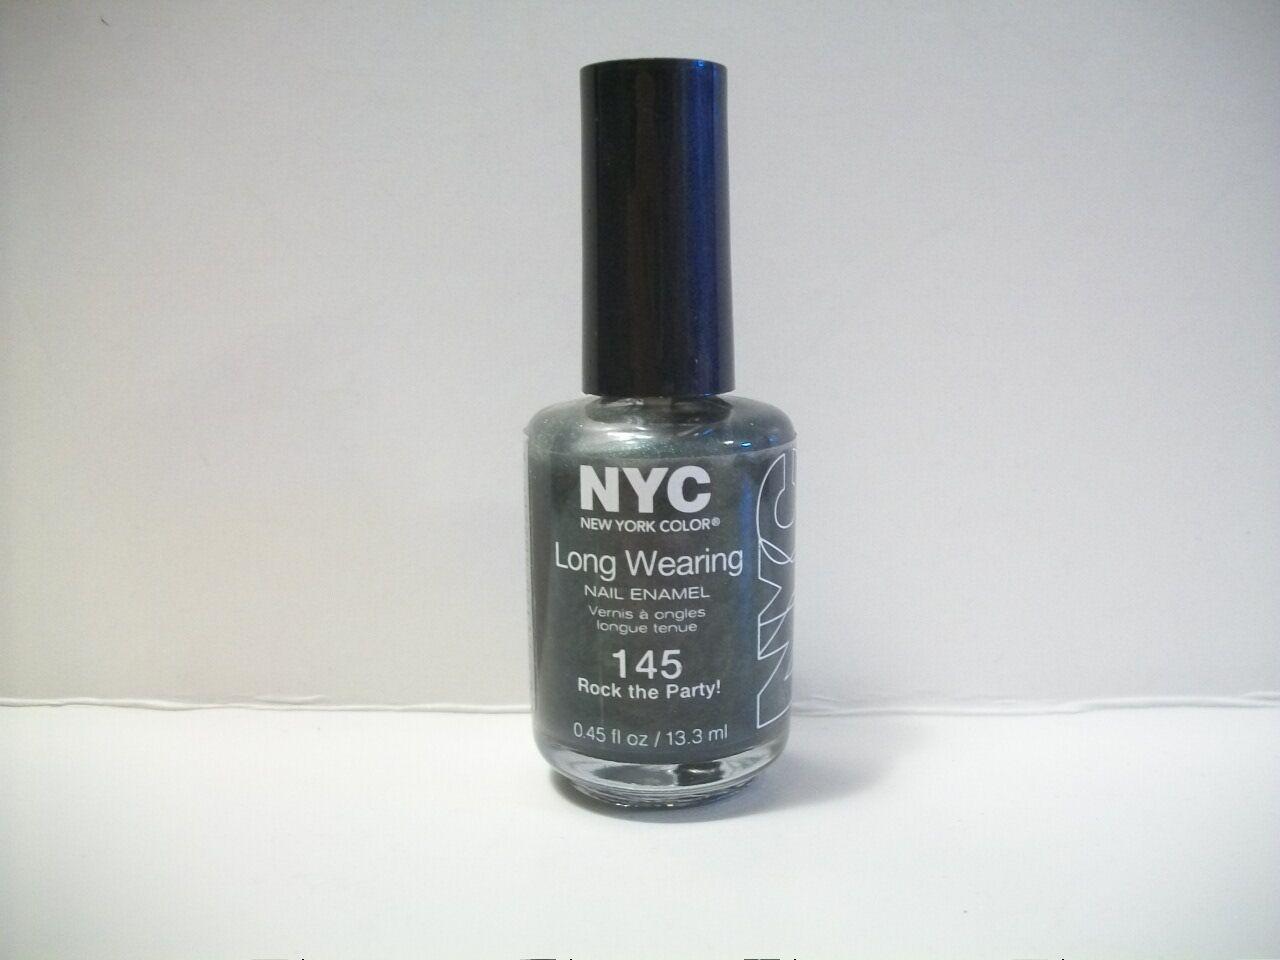 NYC Long Wearing Nail Polish #145 Rock The Party | eBay